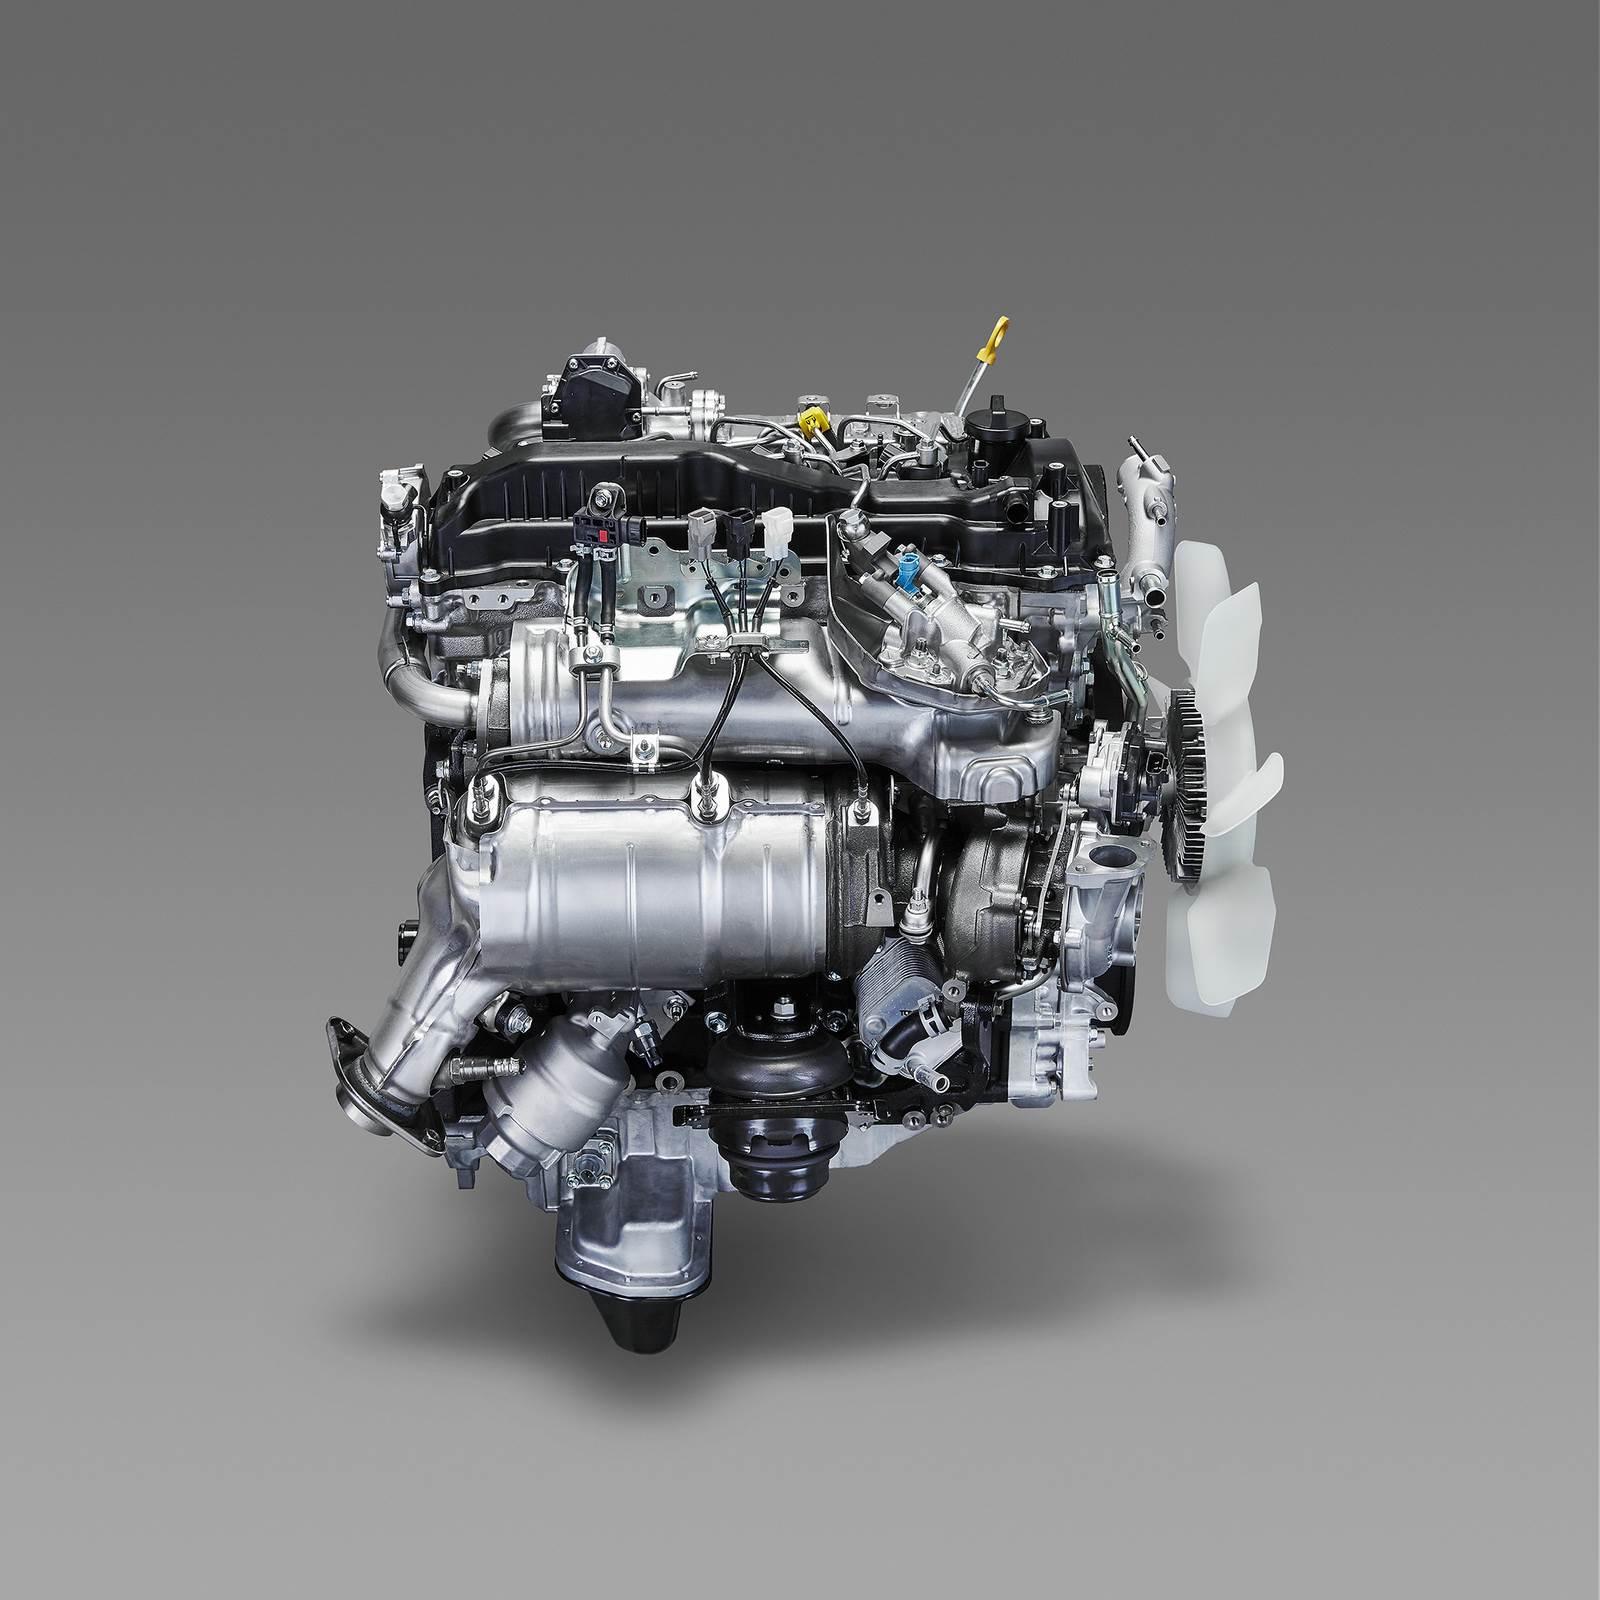 Next-gen Toyota Innova, Fortuner to get GD series engines ...